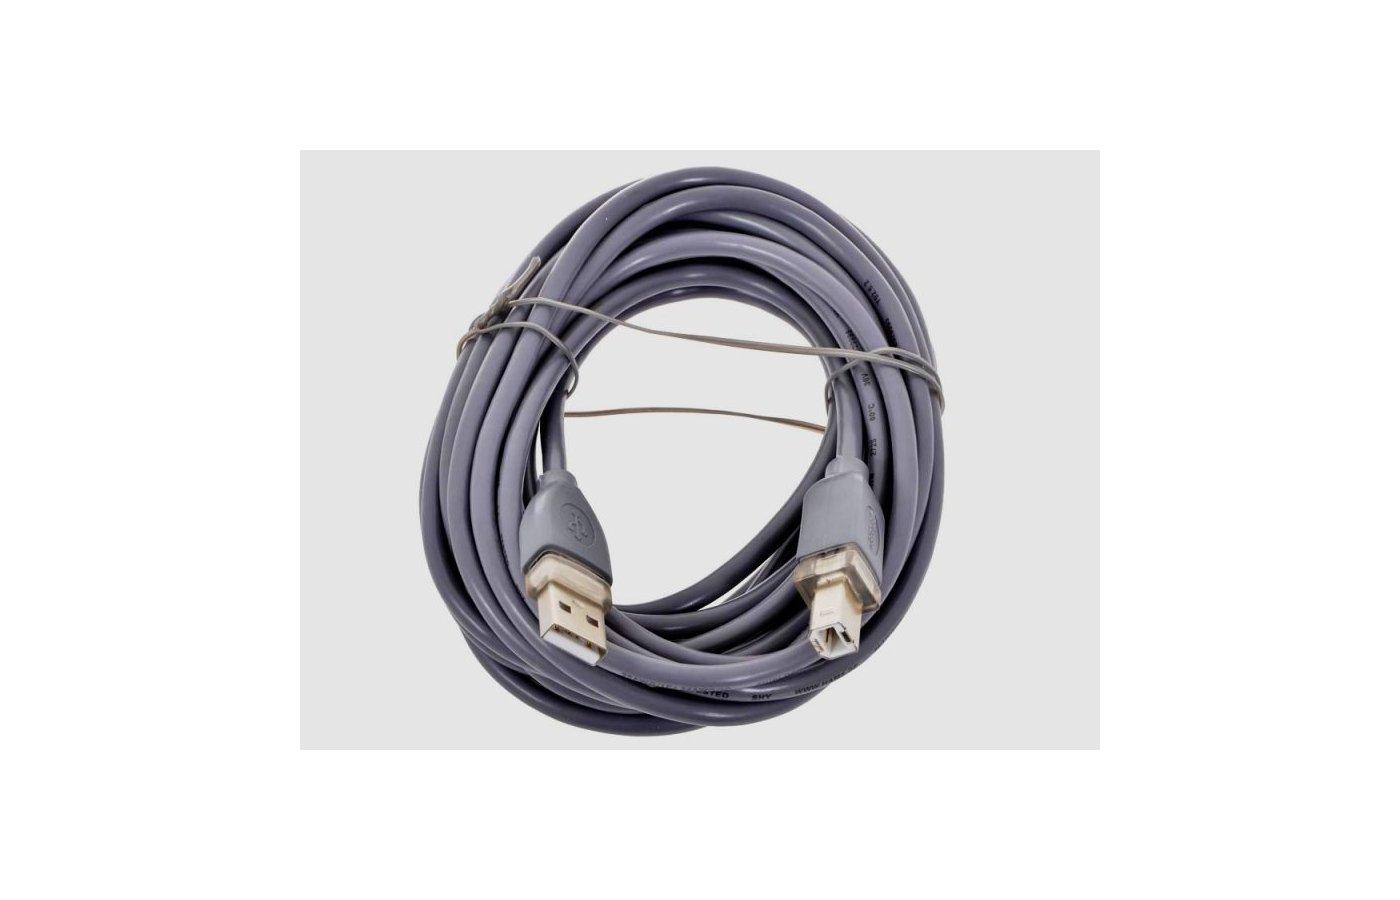 USB Кабель Hama H-45023 USB 2.0 A(m) - В(m) 5м 1зв серый